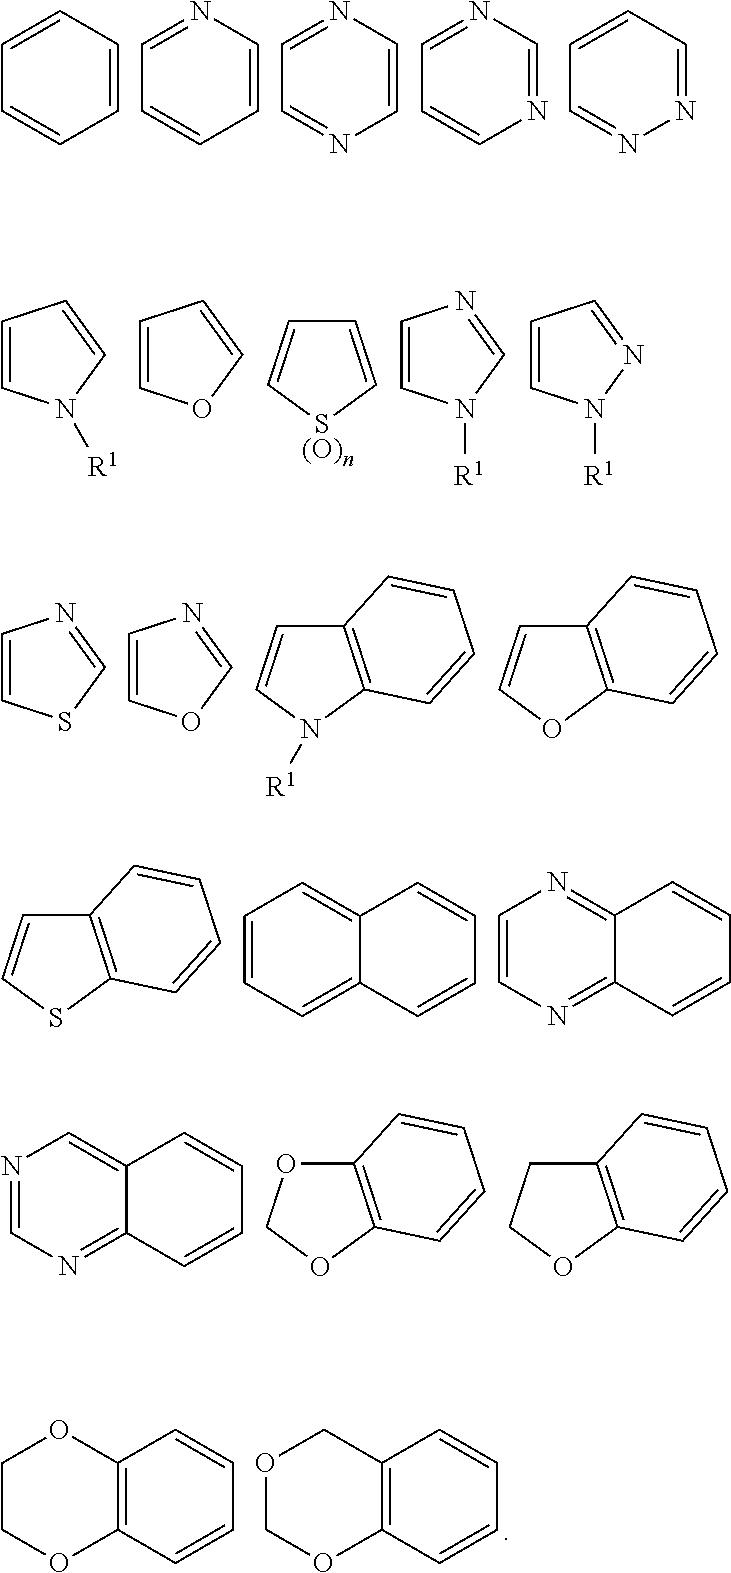 Figure US20110053905A1-20110303-C00008